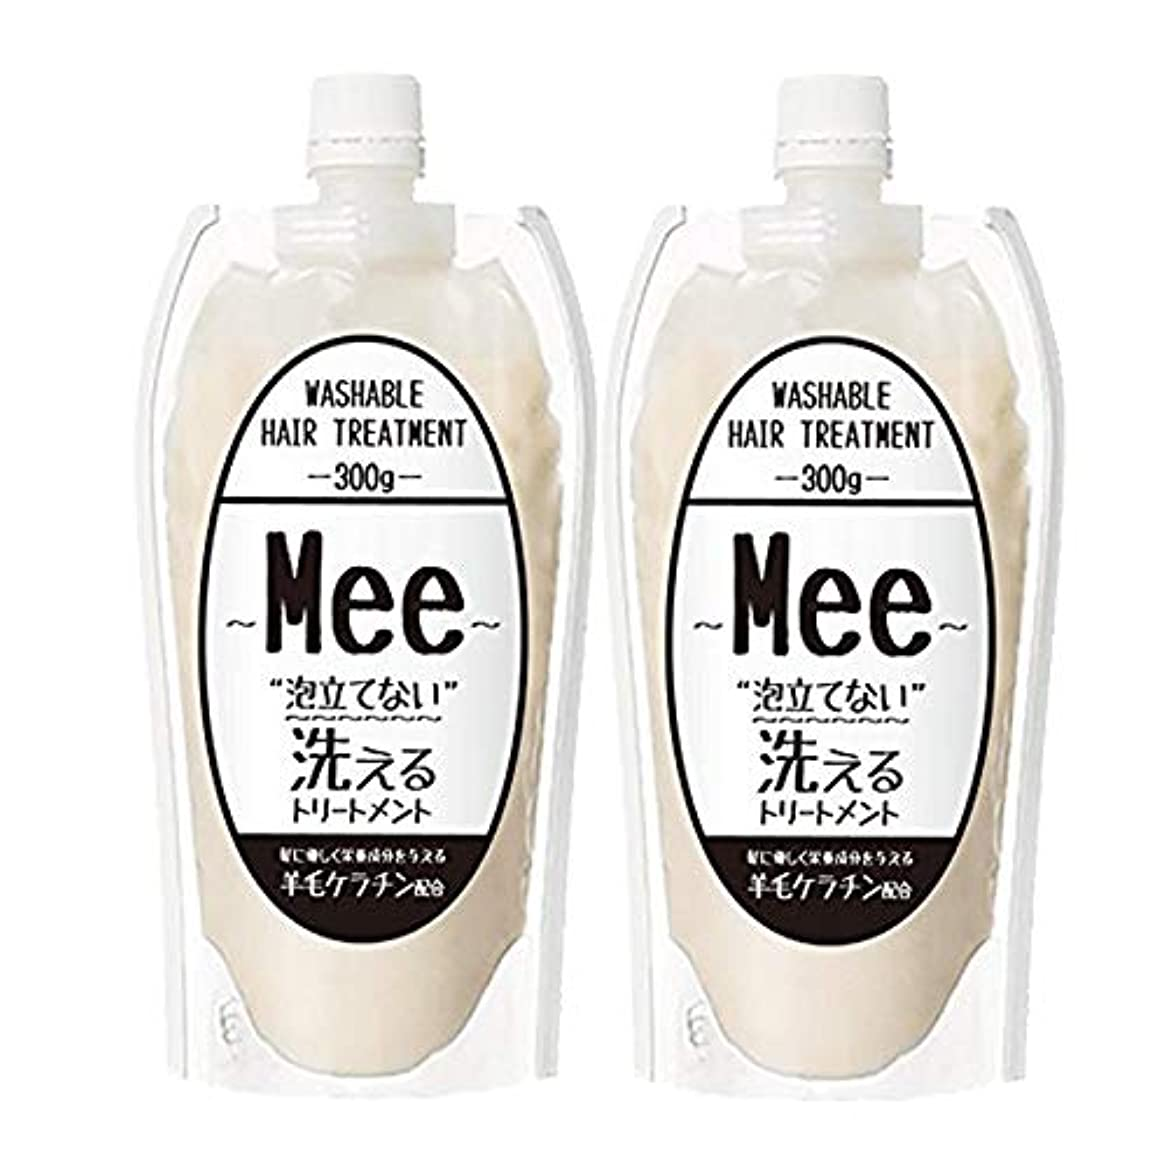 縮約沿って普及まとめ買い【2個組】 洗えるトリートメントMEE Mee 300g×2個SET クリームシャンプー 皮脂 乾燥肌 ダメージケア 大容量 時短